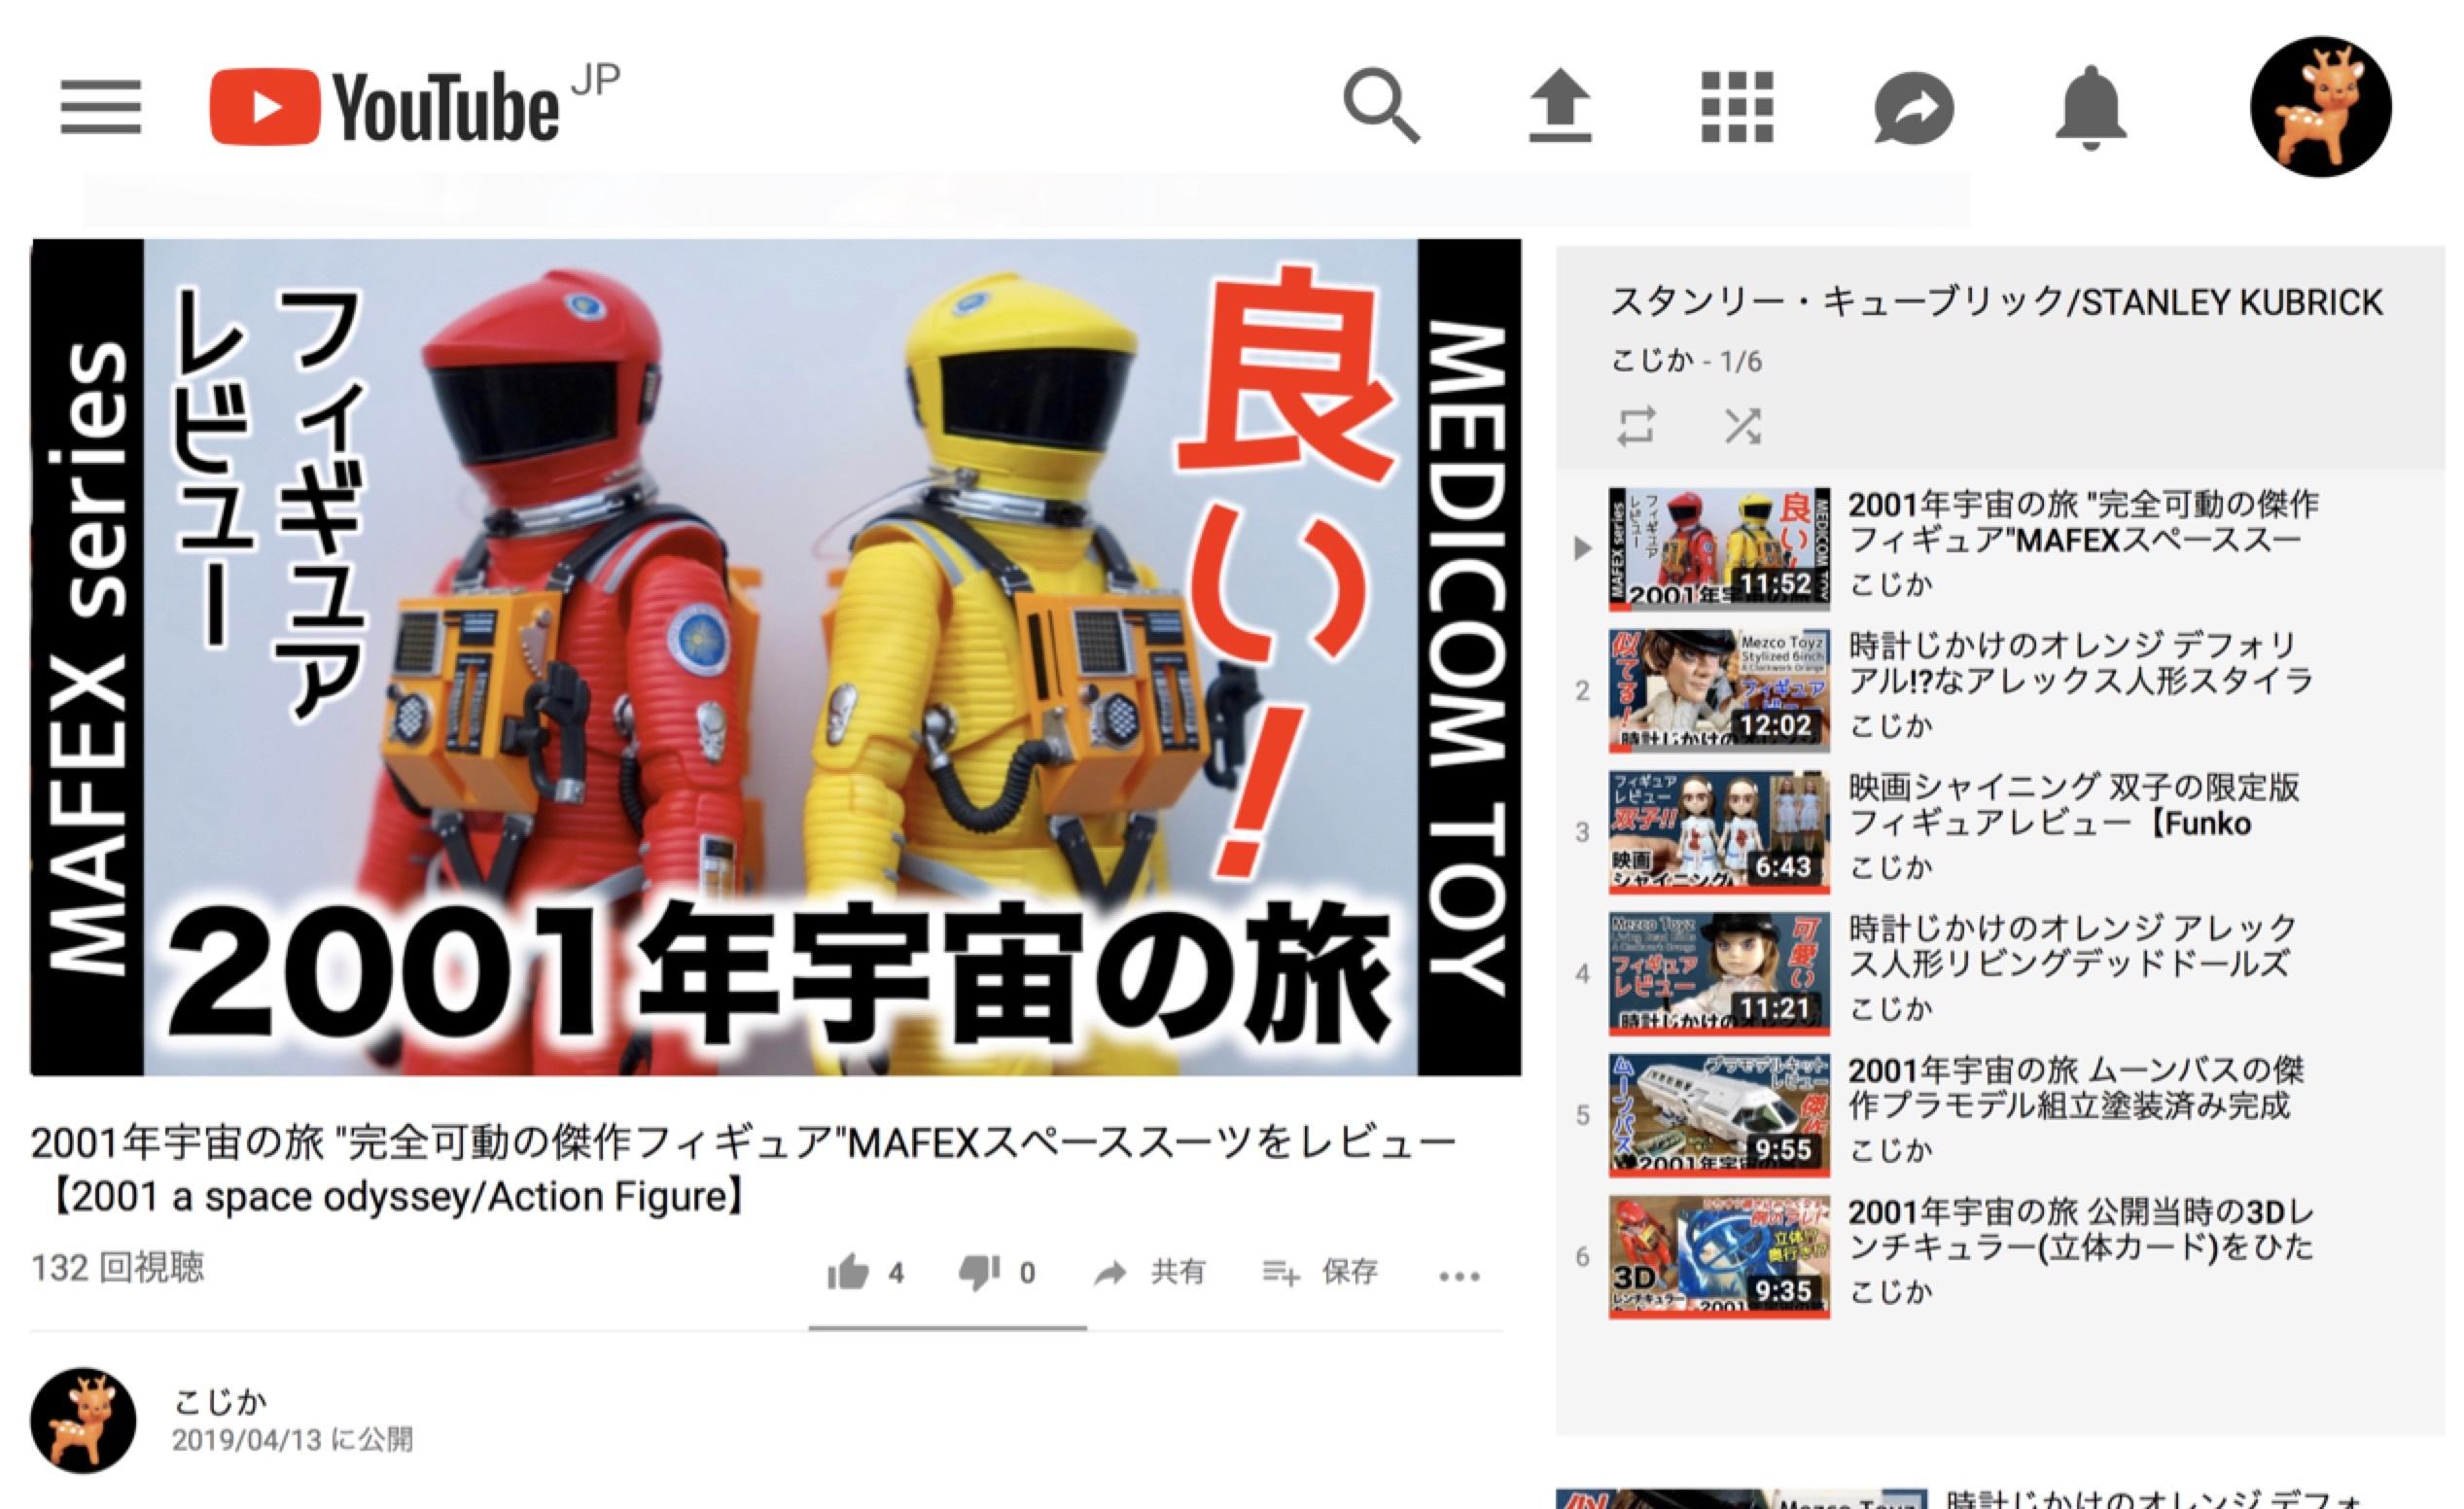 【お知らせ】 YouTubeでスタンリー・キューブリック&ブログ8周年